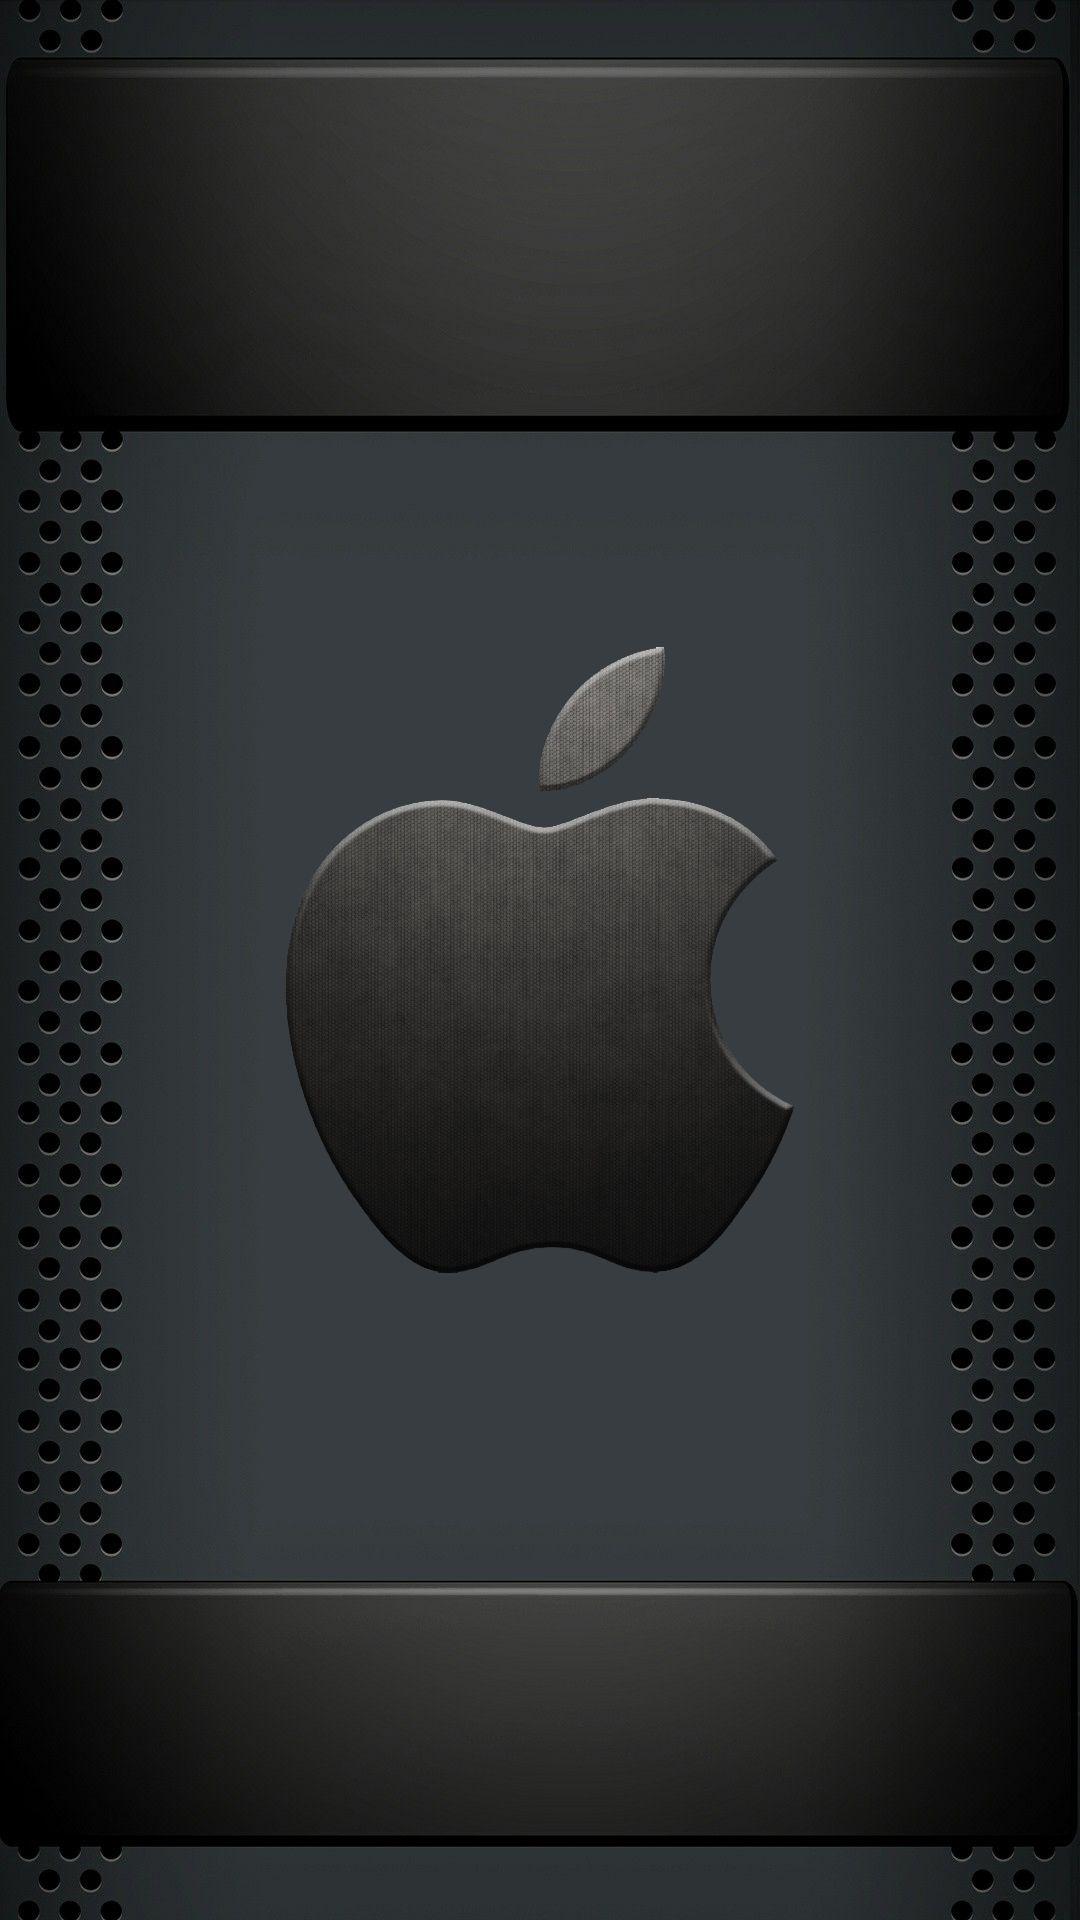 アップルロゴのかっこいいiphone X壁紙 壁紙 Iphone 壁紙